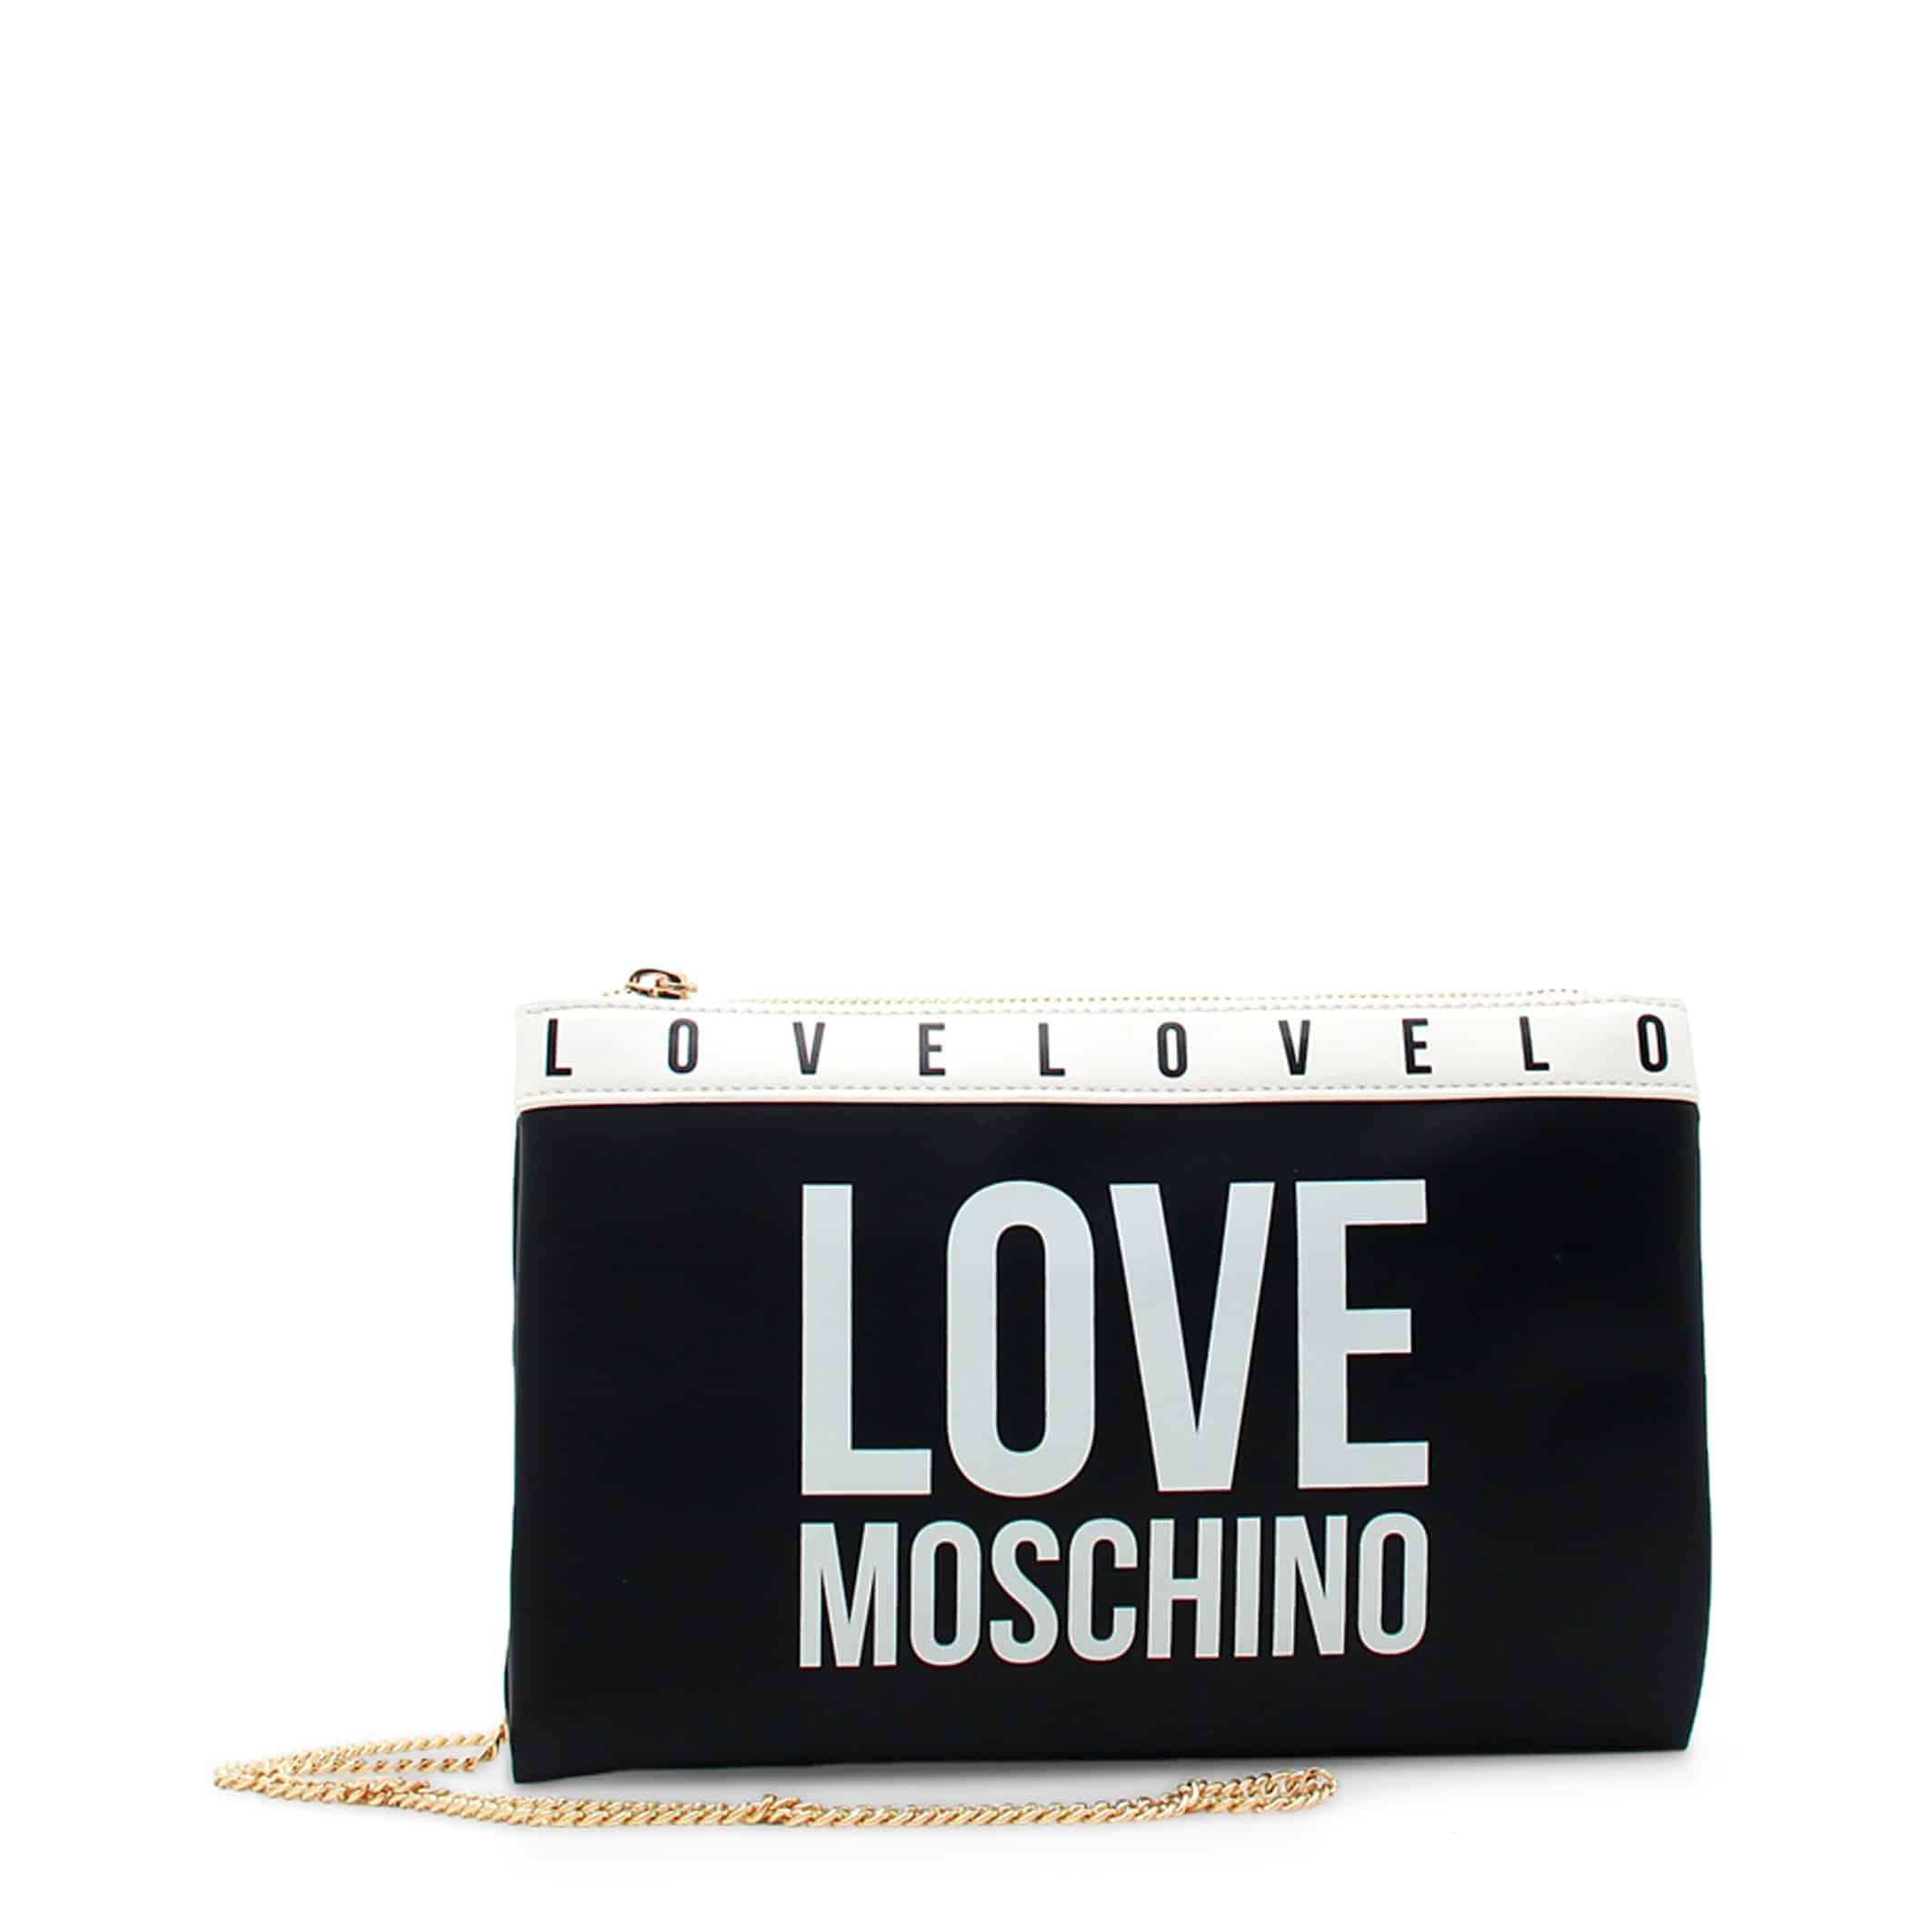 Love Moschino – JC4185PP1DLI0 – Zwart Designeritems.nl